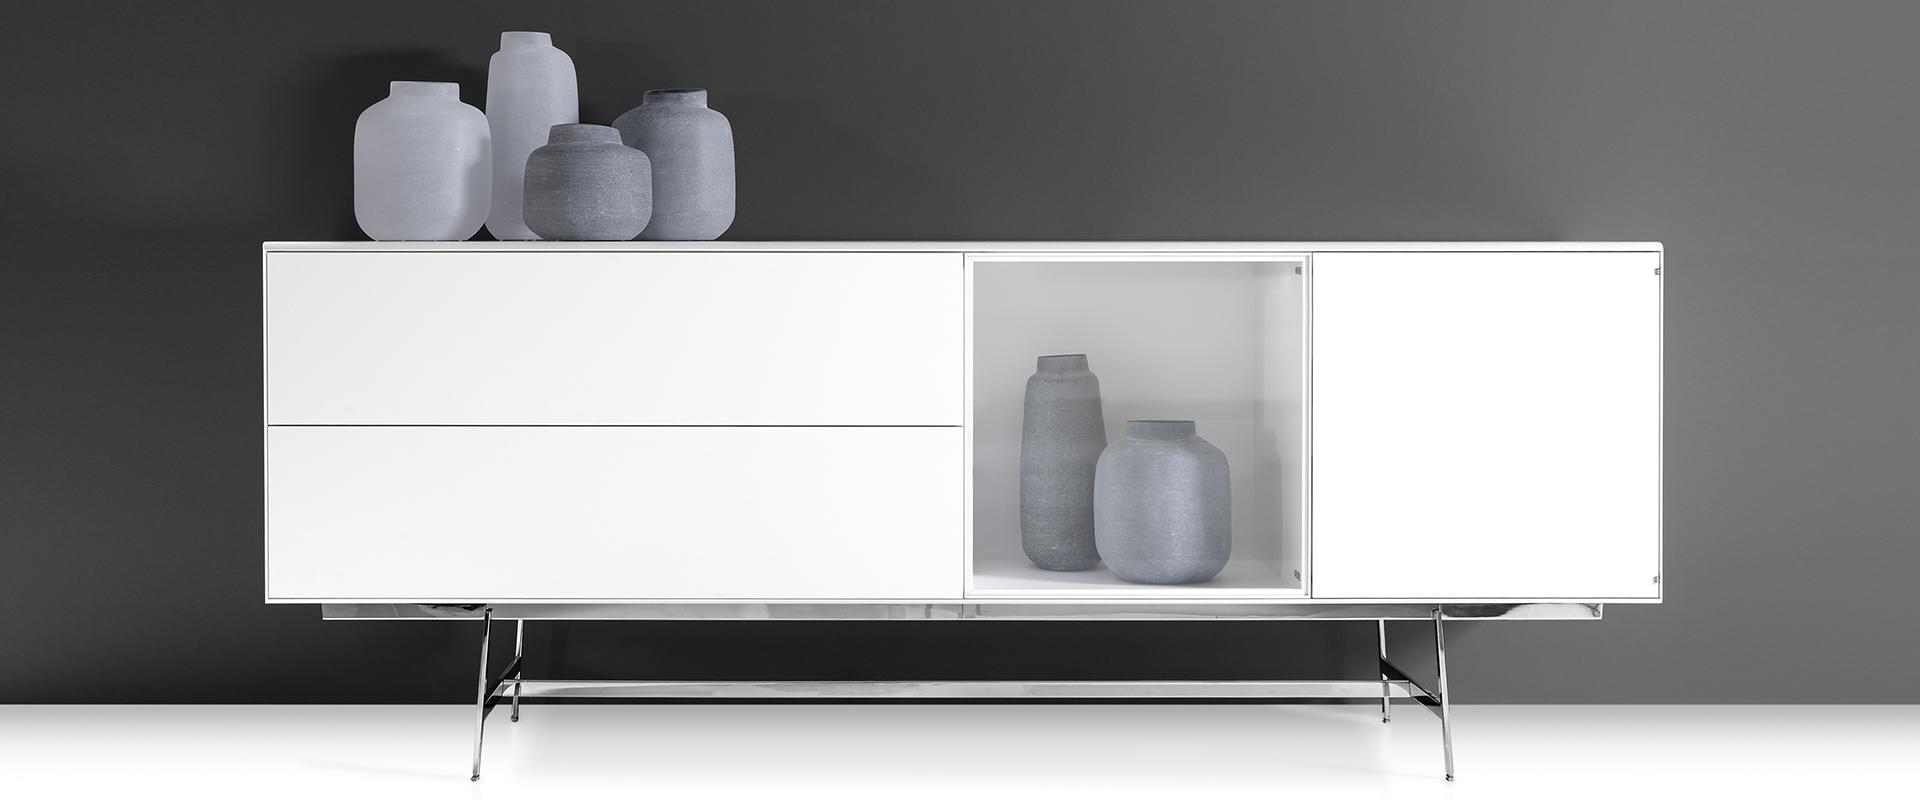 Die Serie S100 von YOMEI bei Hans G. Bock: Sideboard in Weiß.